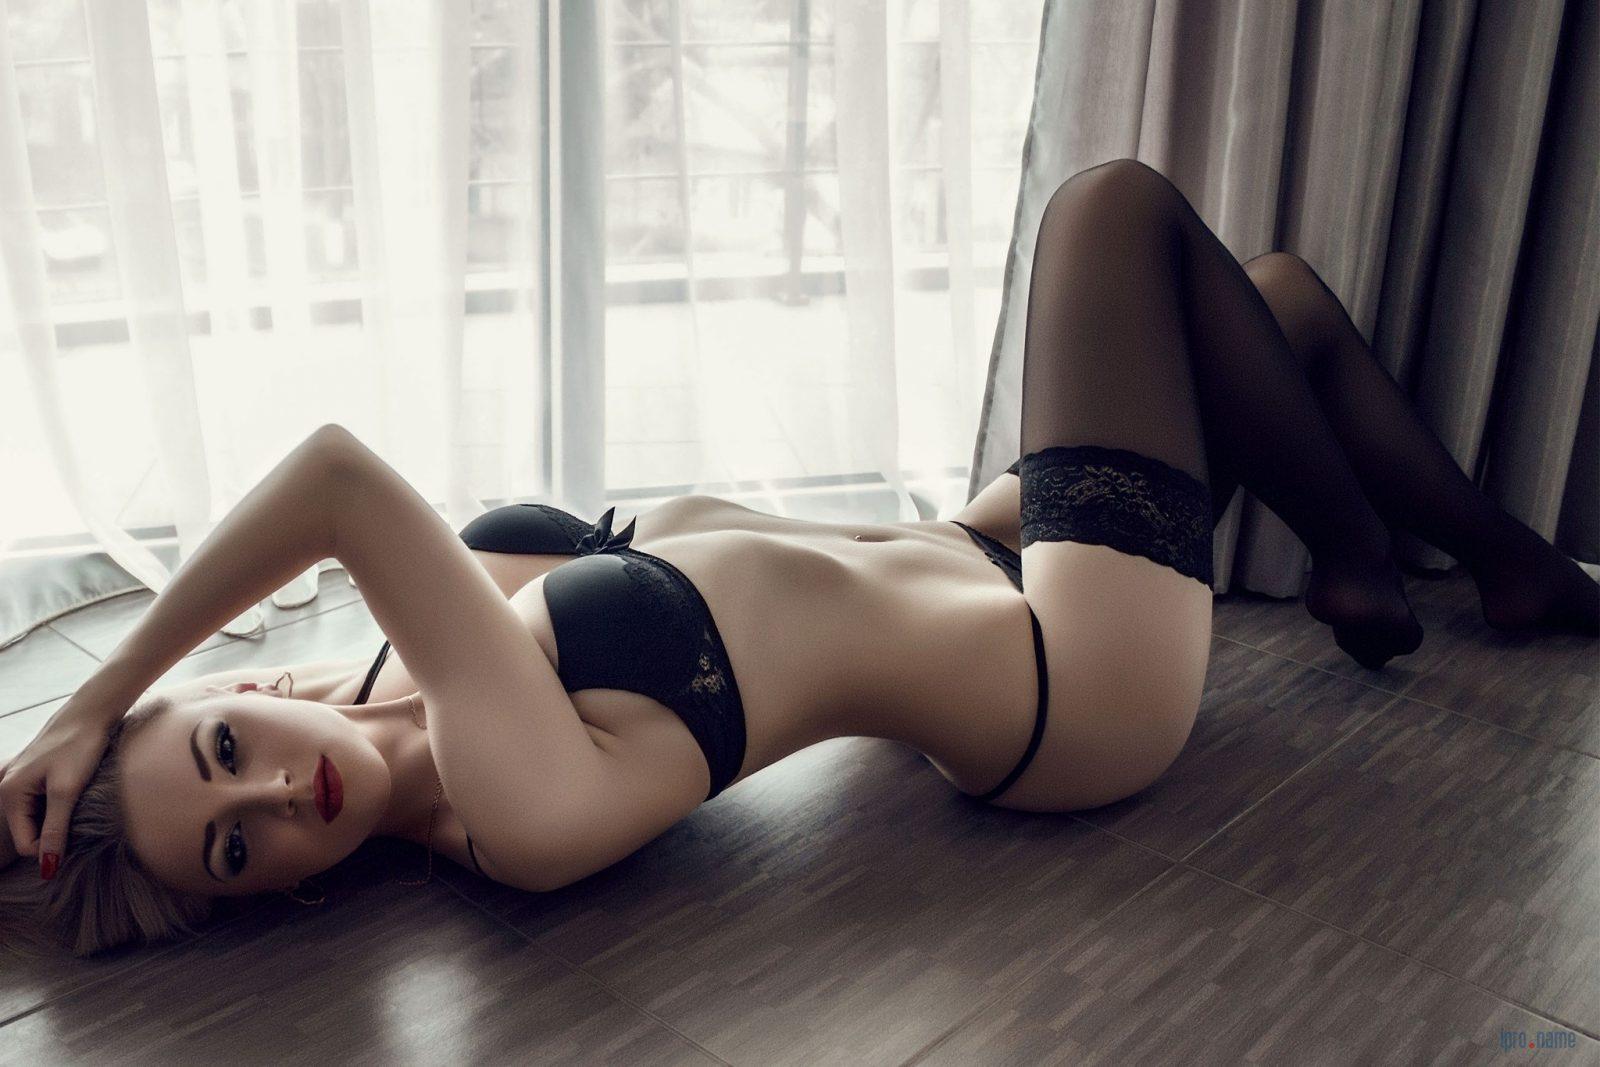 Полный девушкой фото женщин в колготках и нижнем белье